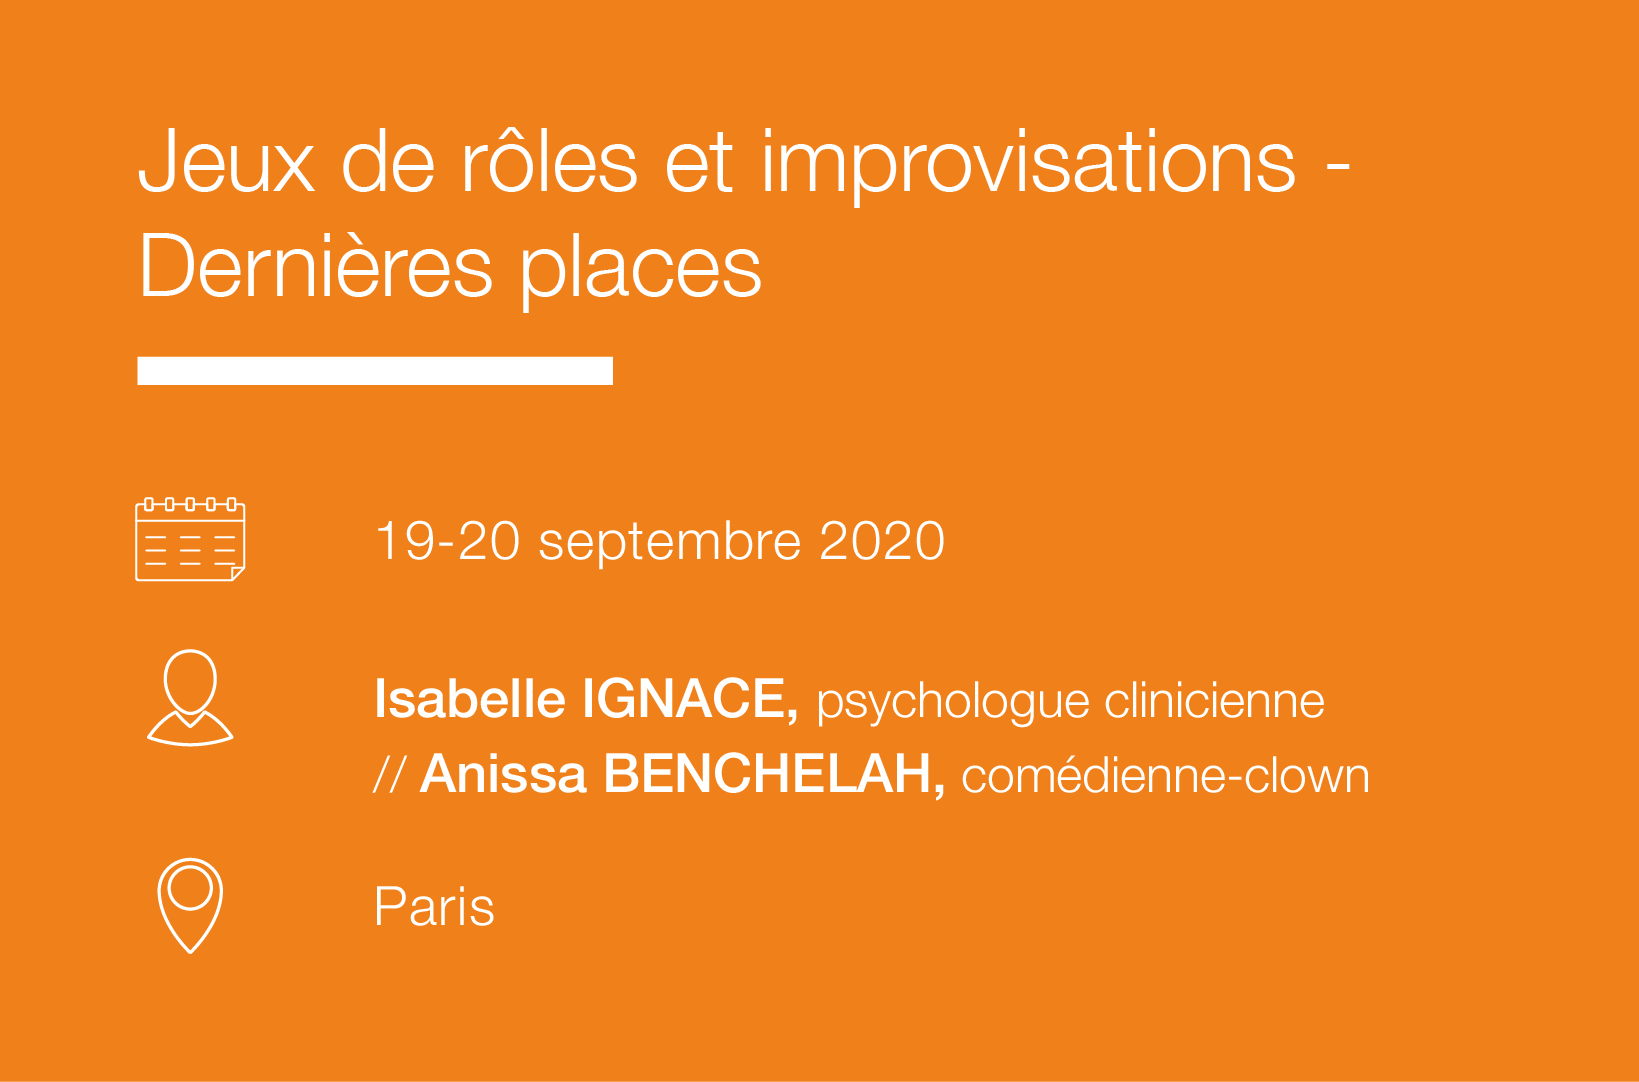 Seminaire-Jeux de roles et improvisations-IFH